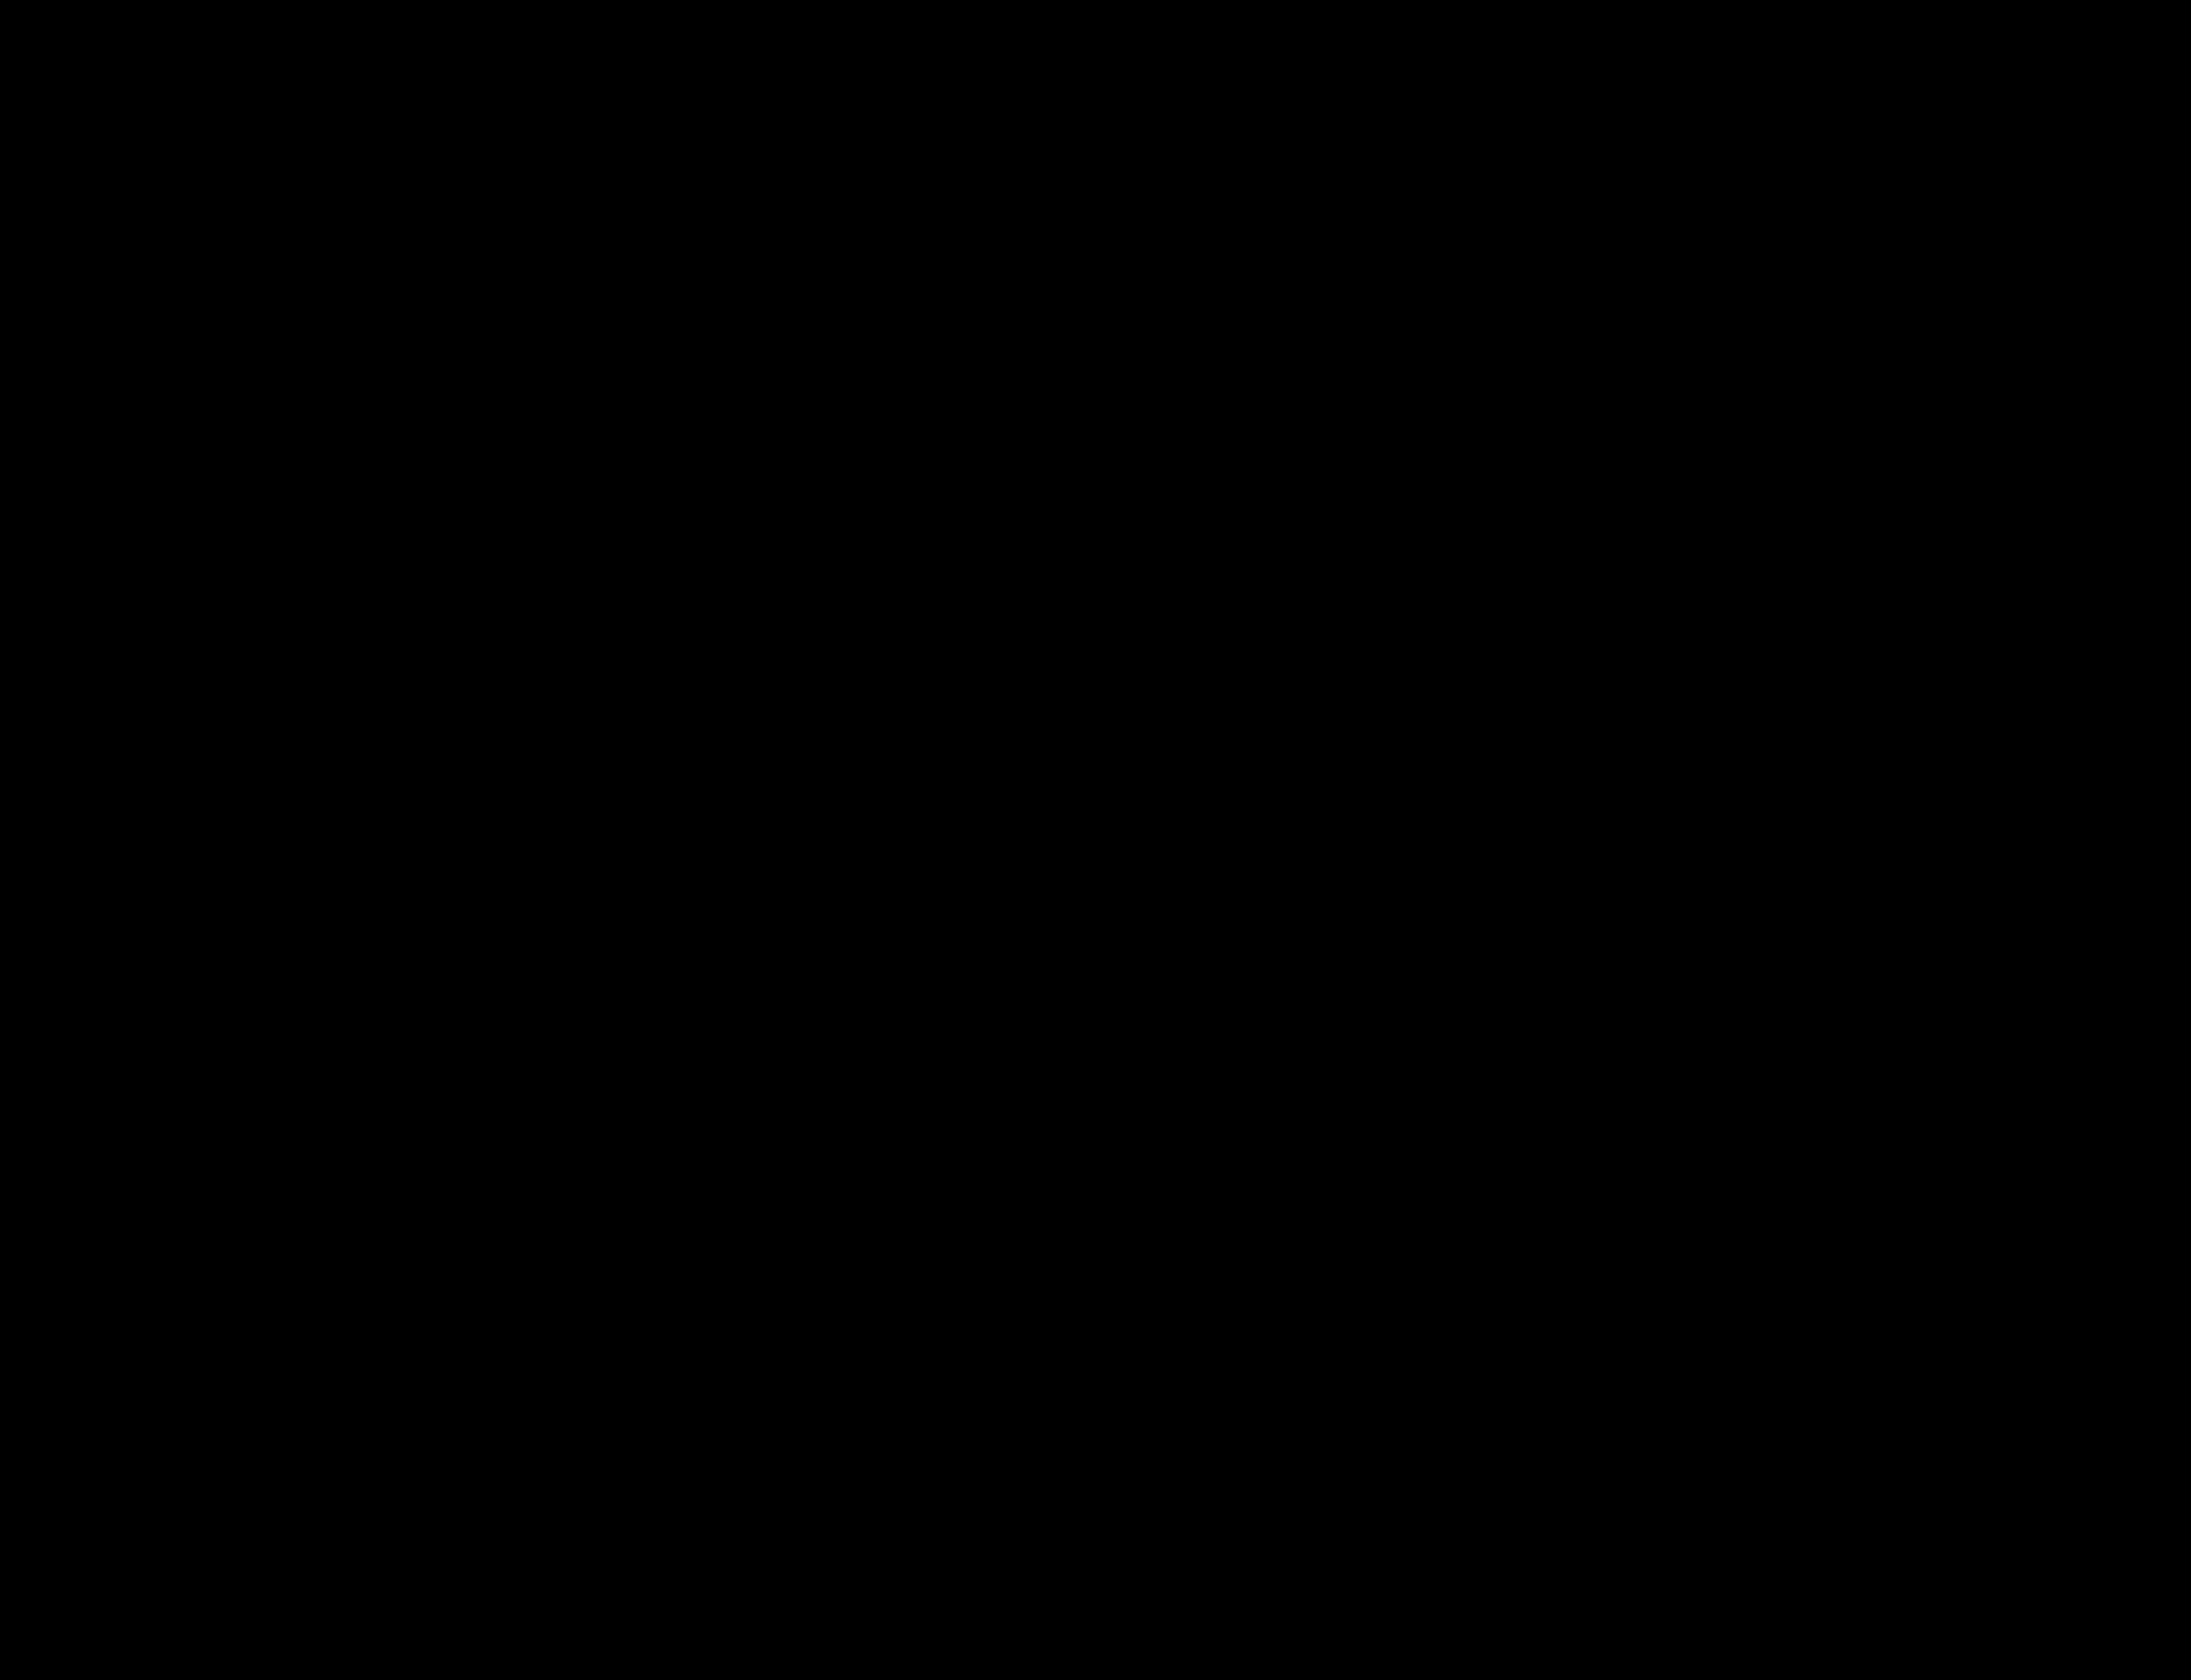 Kansas 4th Senate